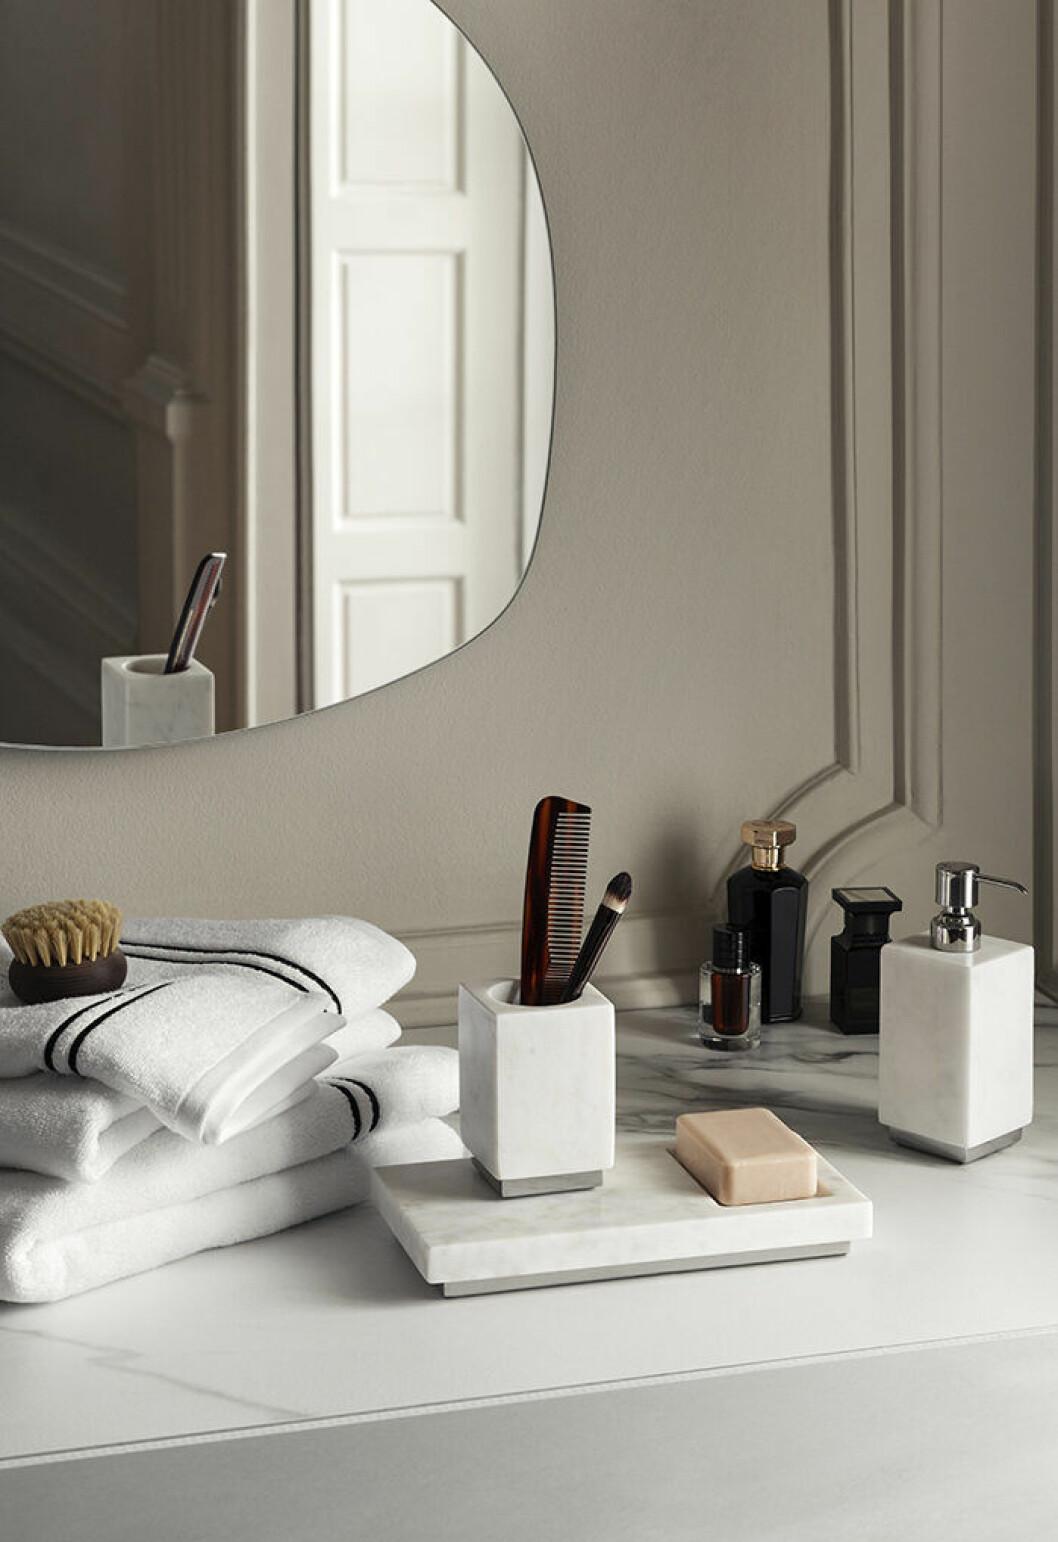 Detaljer med lyxig hotellkänsla för badrummet